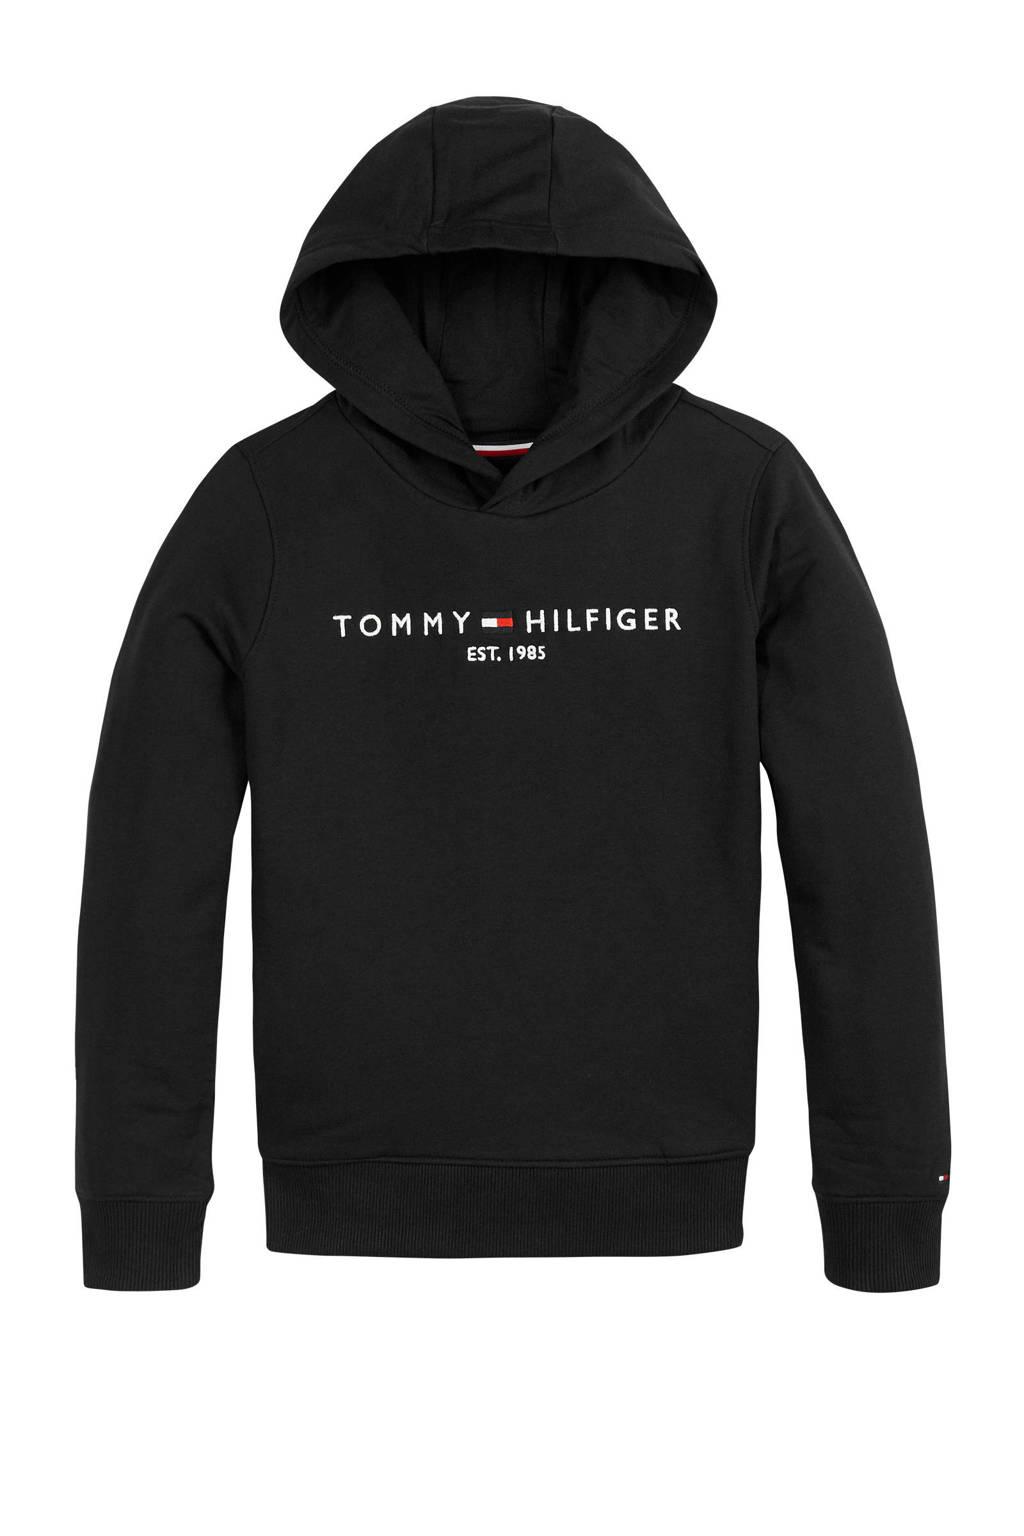 Tommy Hilfiger hoodie met logo zwart, Zwart